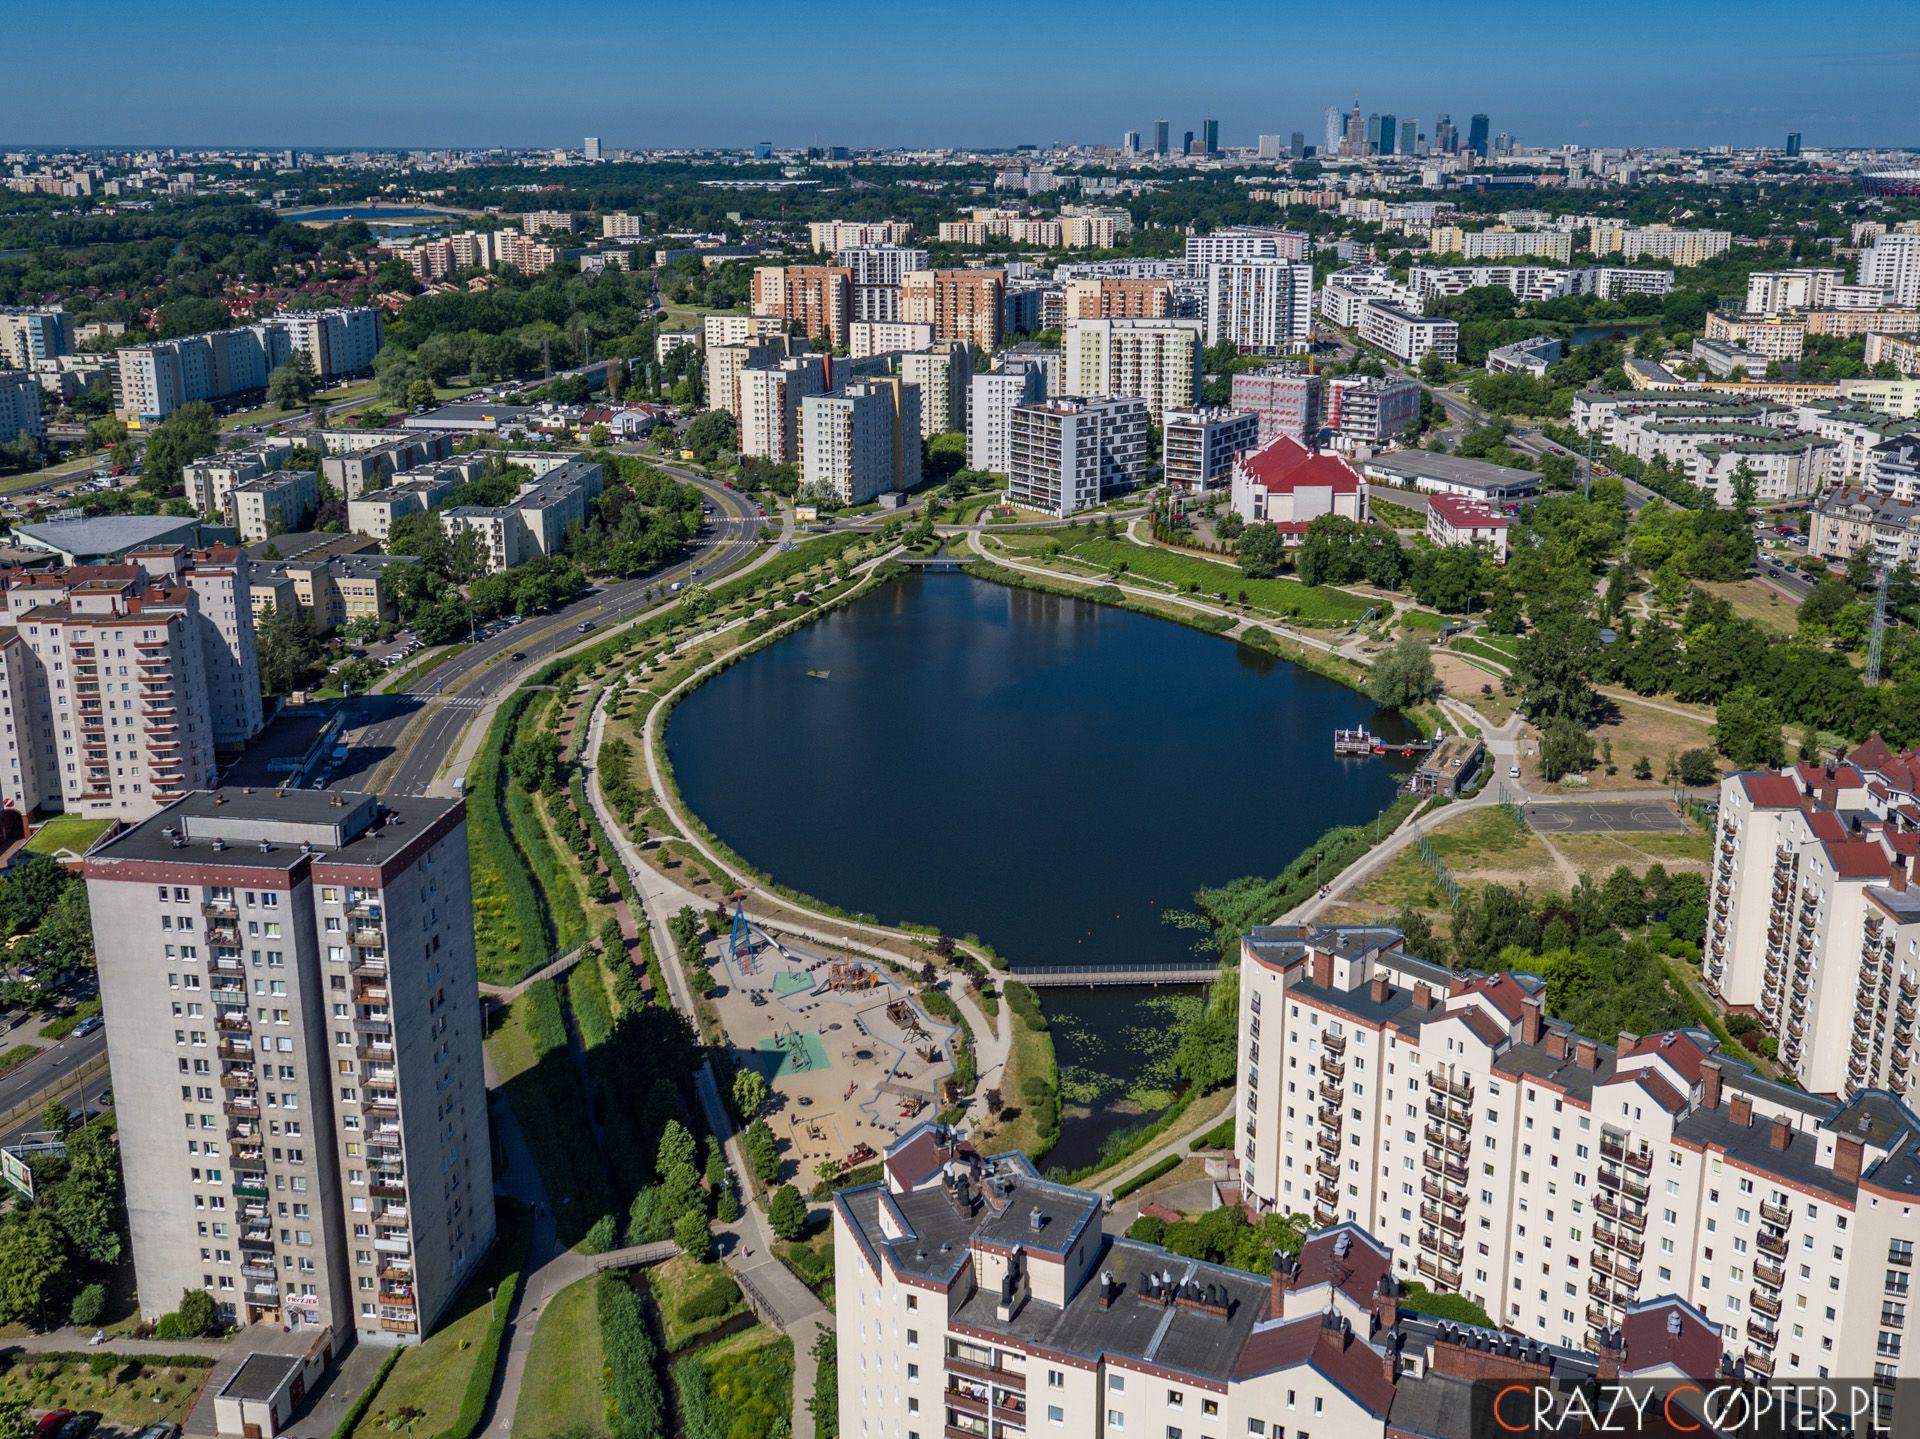 Zdjęcia nieruchomości zdrona mają szansę pokazać szeroką perspektywę nateren wokół działki lub inwestycji.